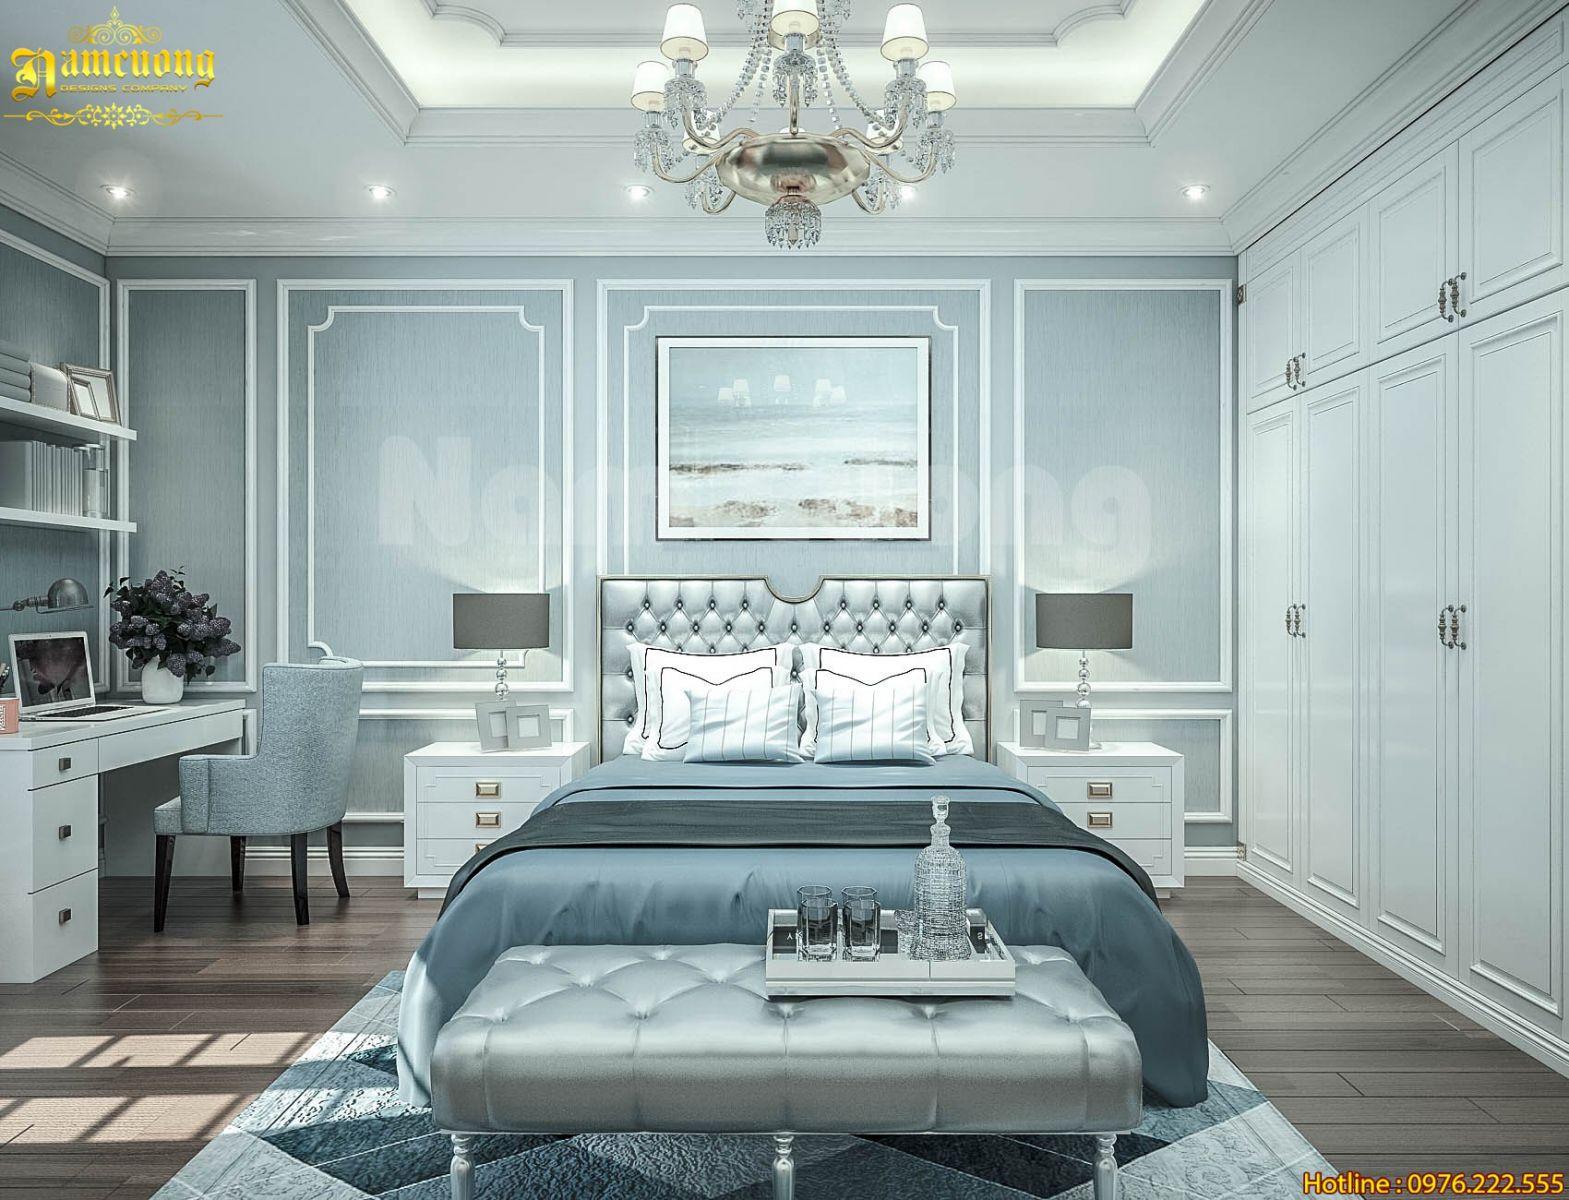 Mẫu thiết kế nội thất tân cổ điển hoàn chỉnh cho 1 công trình